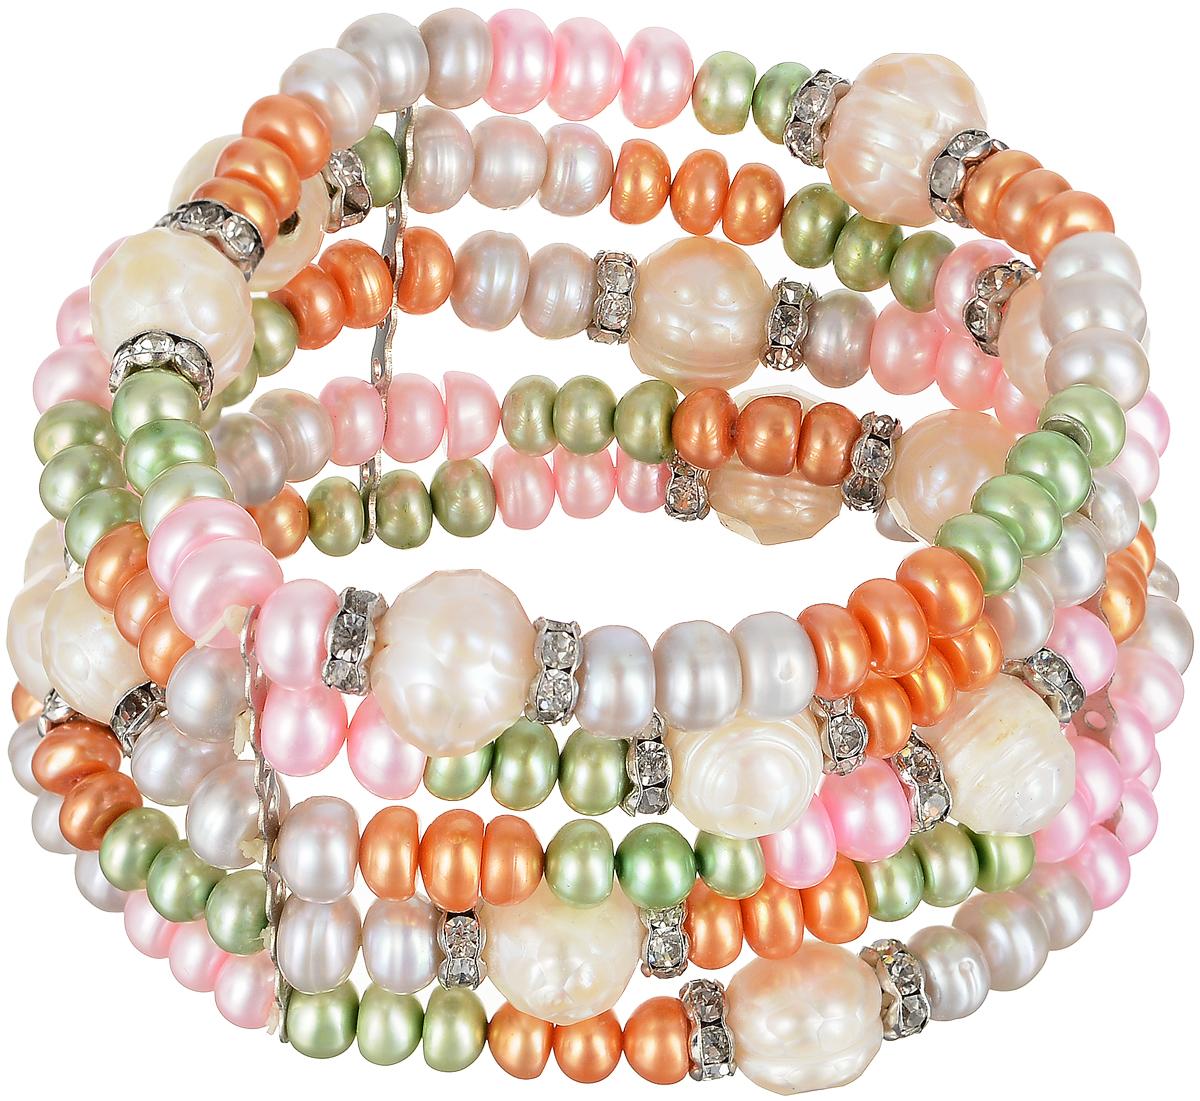 Браслет Art-Silver, цвет: белый, зеленый, розовый. B0614-770Браслет с подвескамиЭффектный женский браслет Art-Silver изготовлен из бижутерного сплава, жемчугаи циркона. Этот необычный и стильный браслет отлично разбавит ваш повседневный образ, добавит в него изюминку.